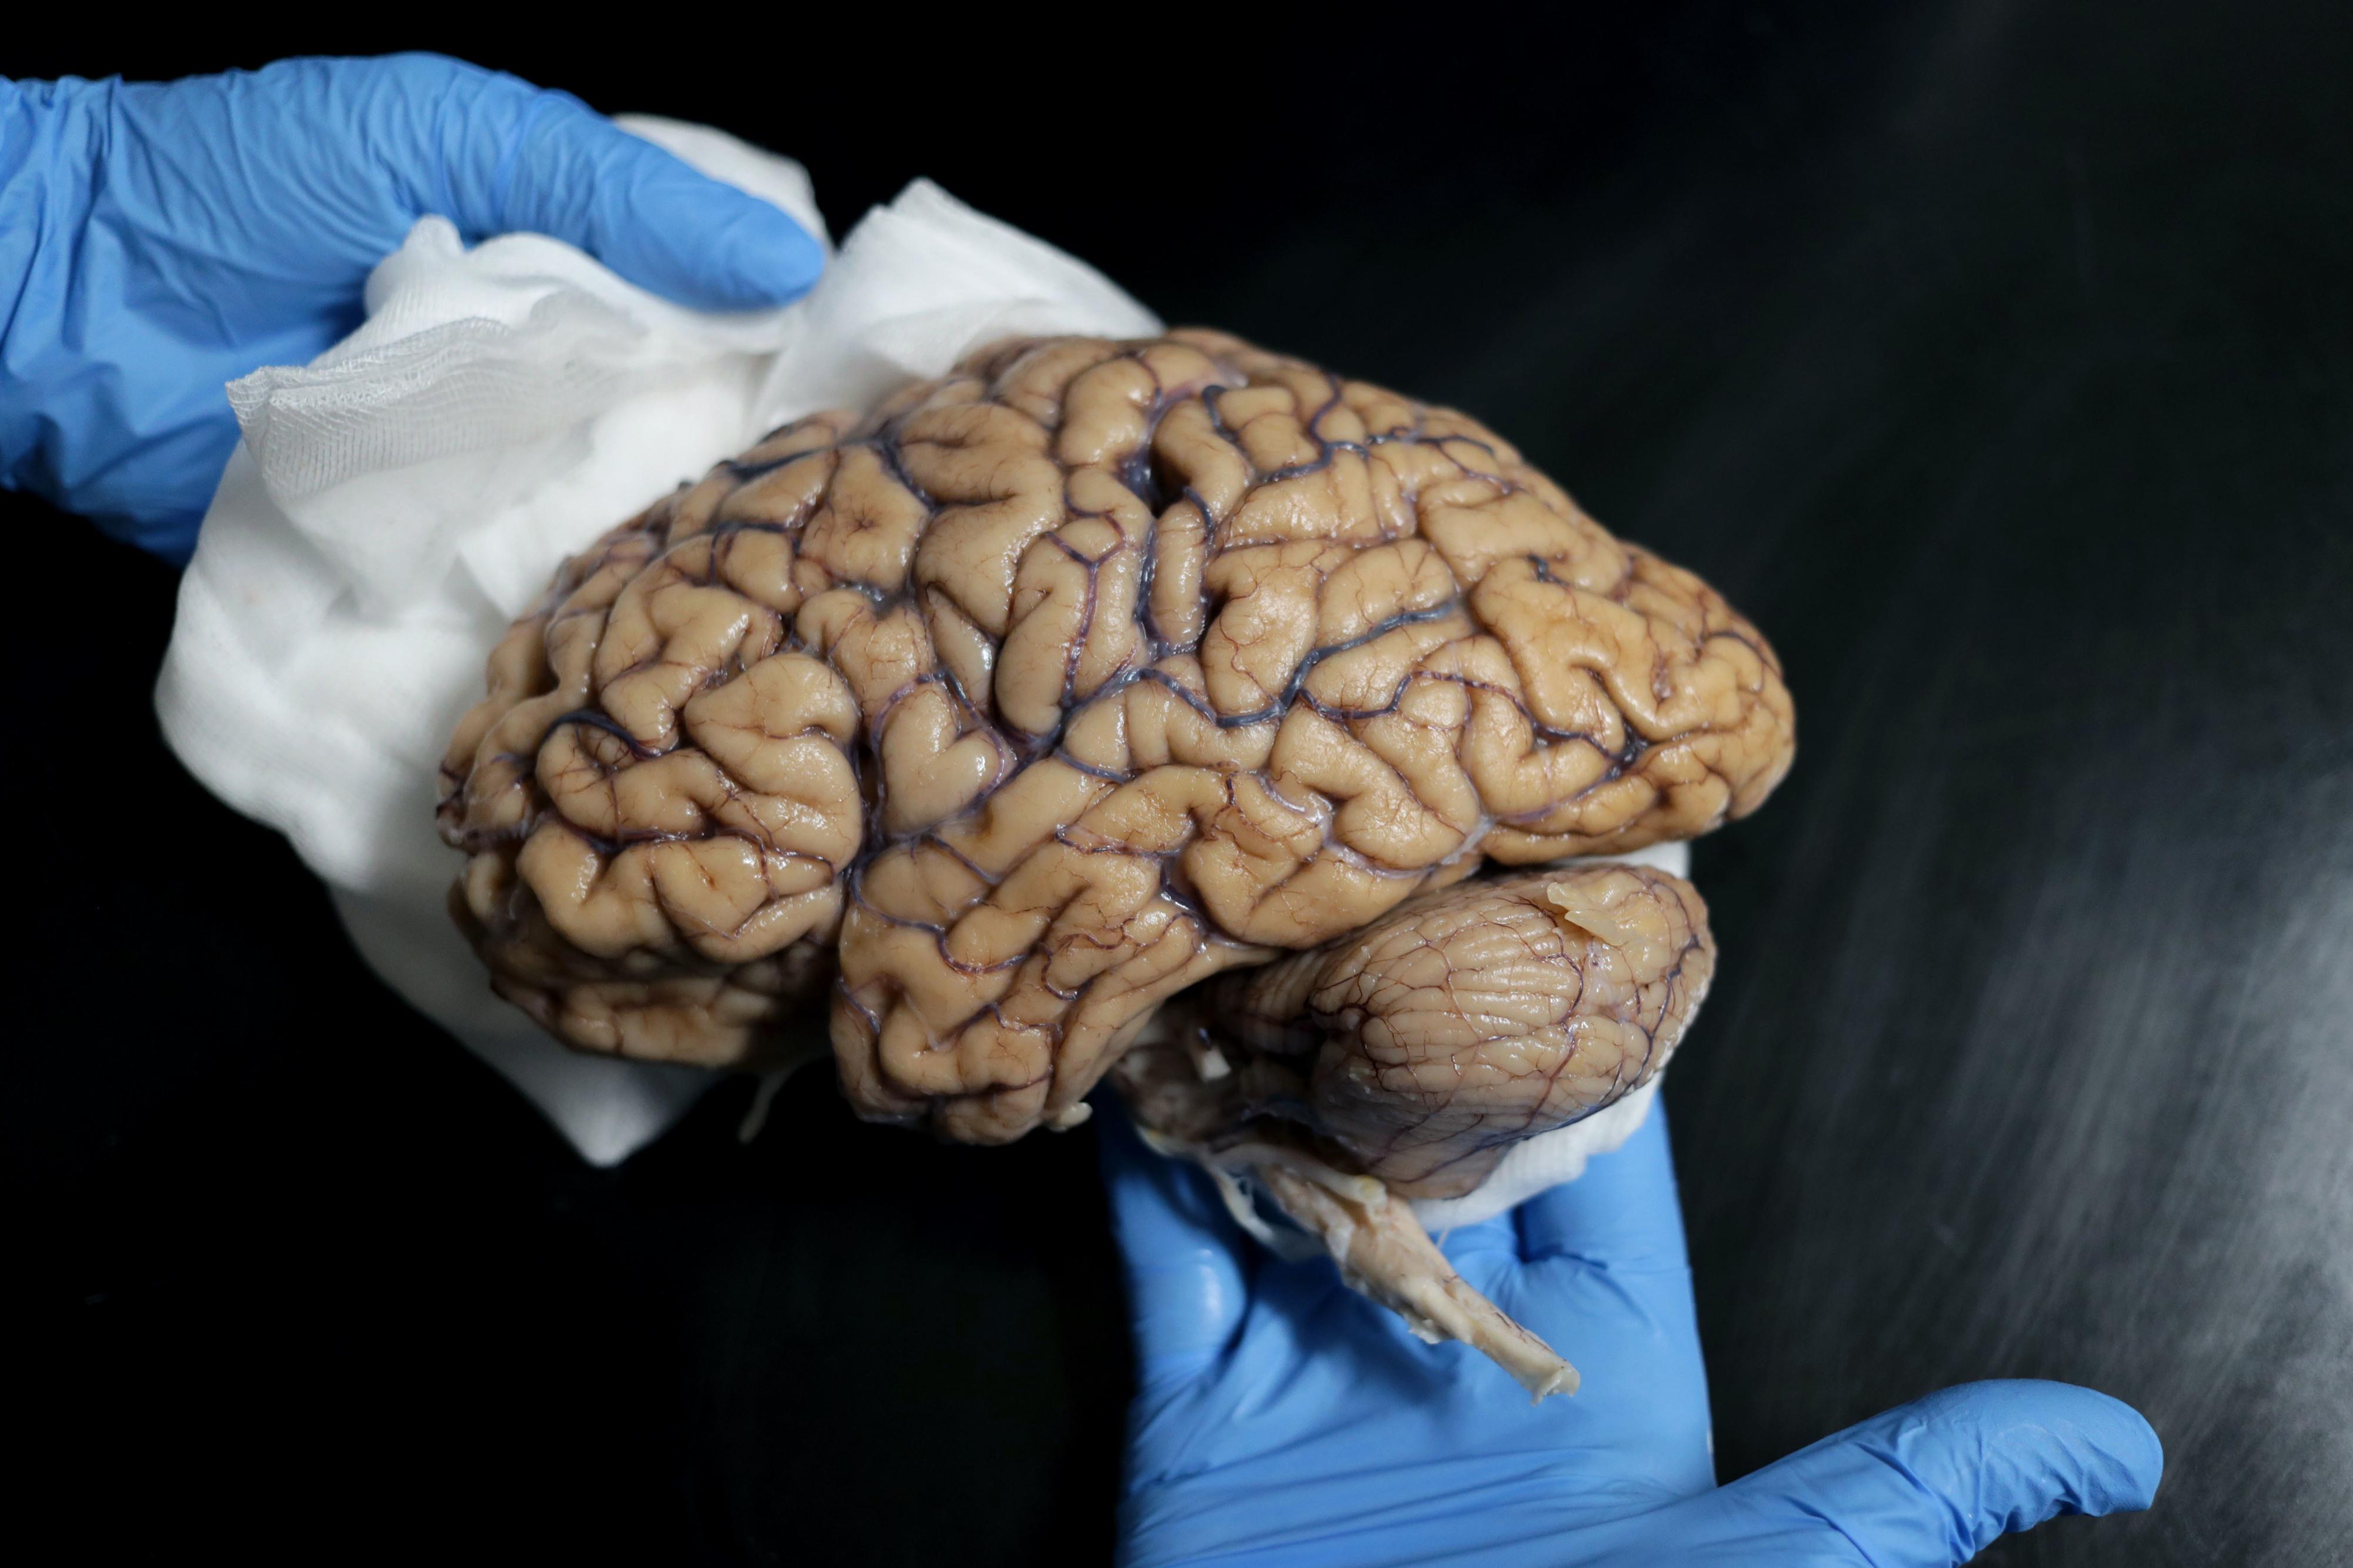 Há um banco de cérebros em Portugal quer quer receber doações de exemplares saudáveis a partir deste ano